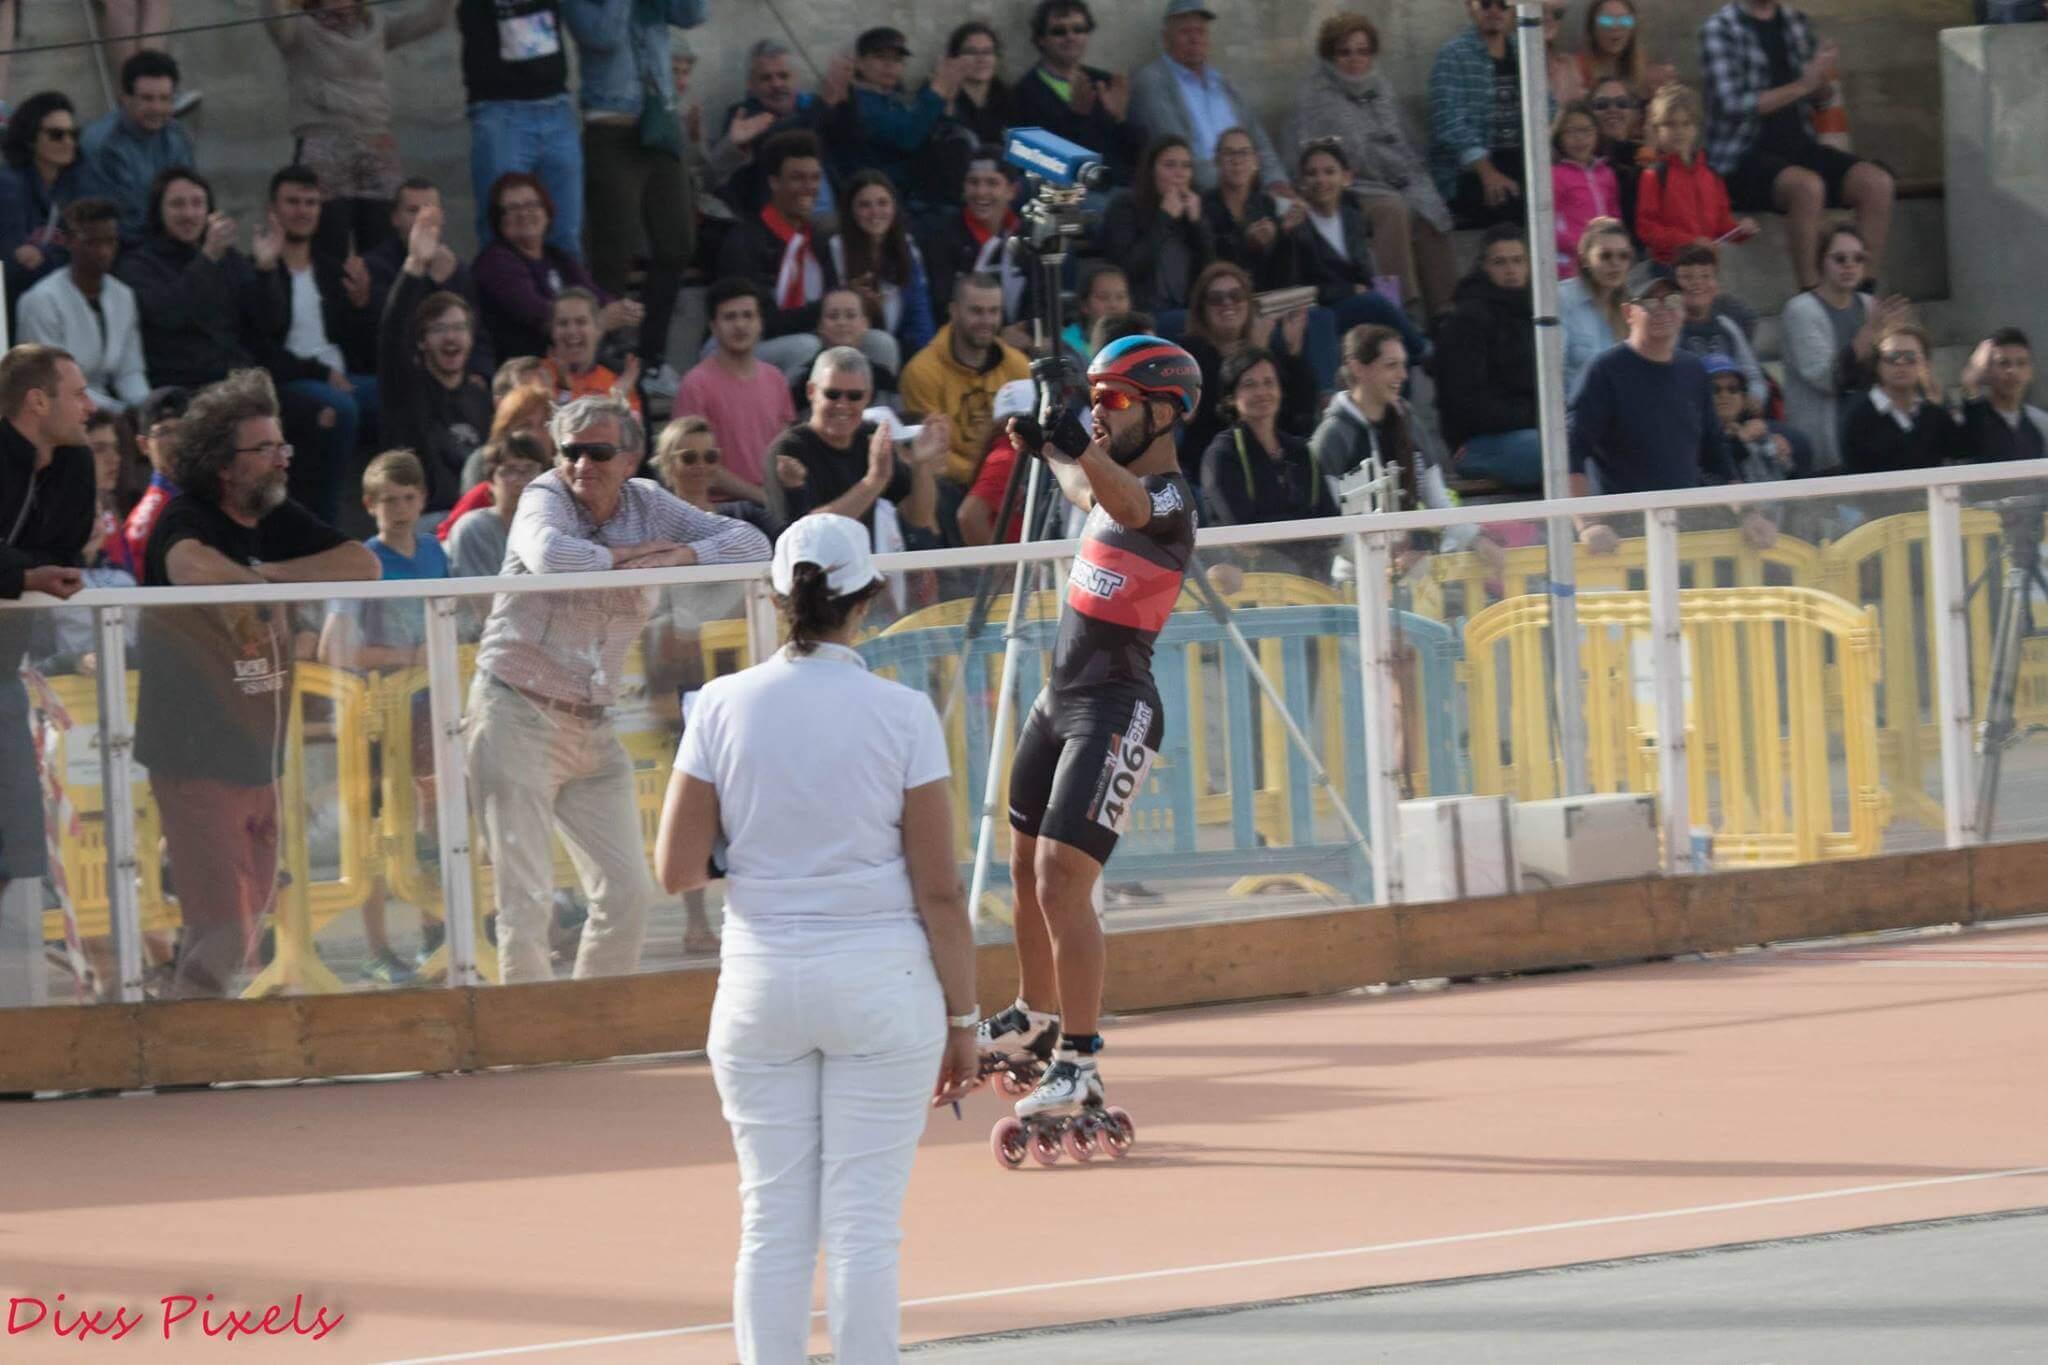 vencedores PATXI PEULA, ESP e AURA QUINTANA, COL VENCEDORES Diogo Marreiros vence 1Km e Track Record